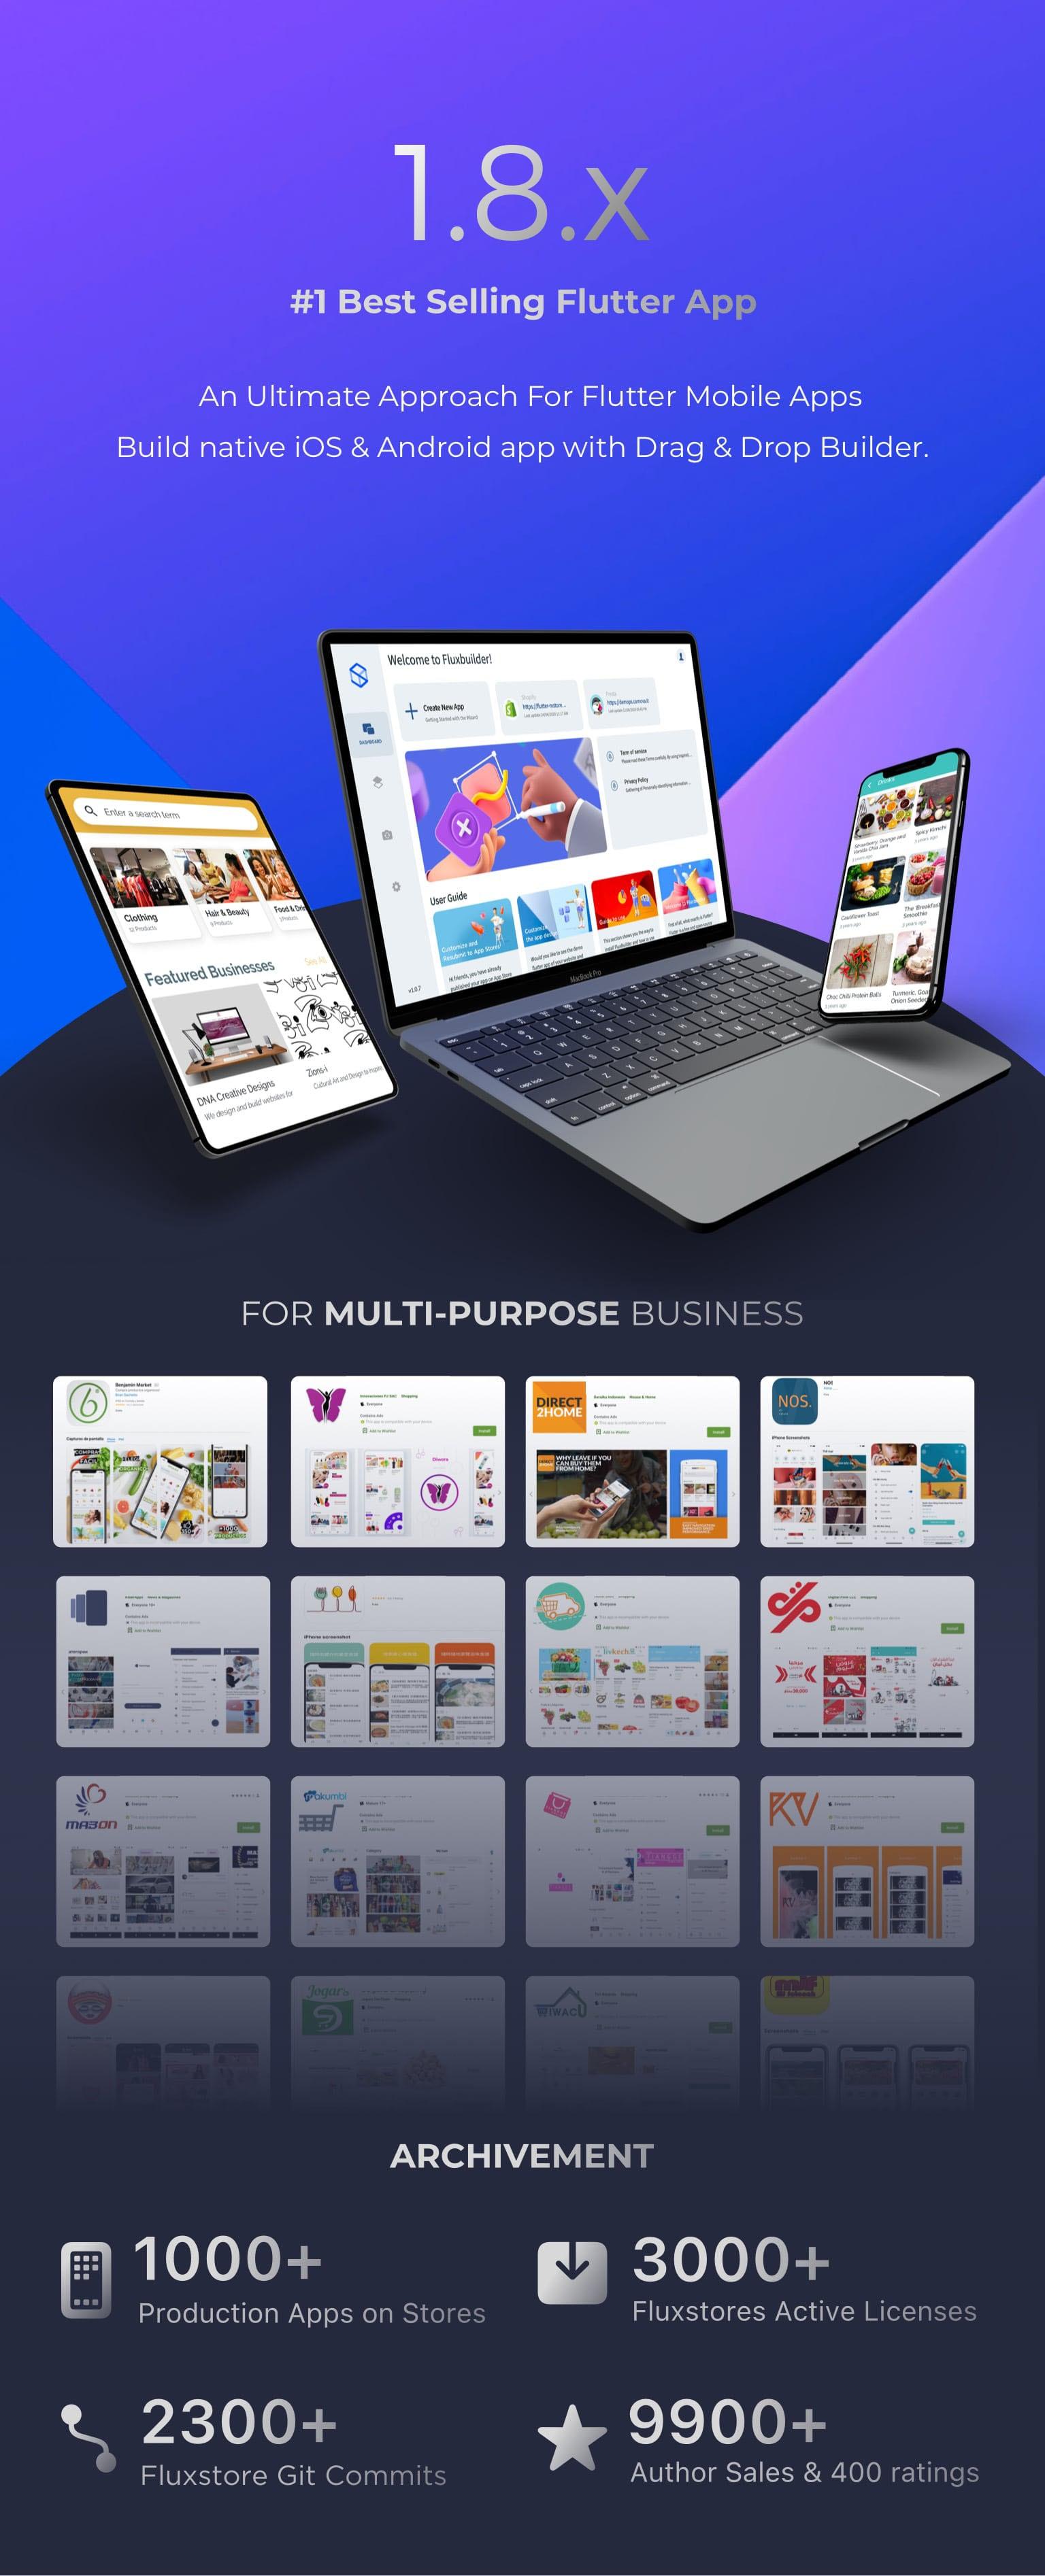 Fluxstore WooCommerce - Flutter E-commerce Full App - 3